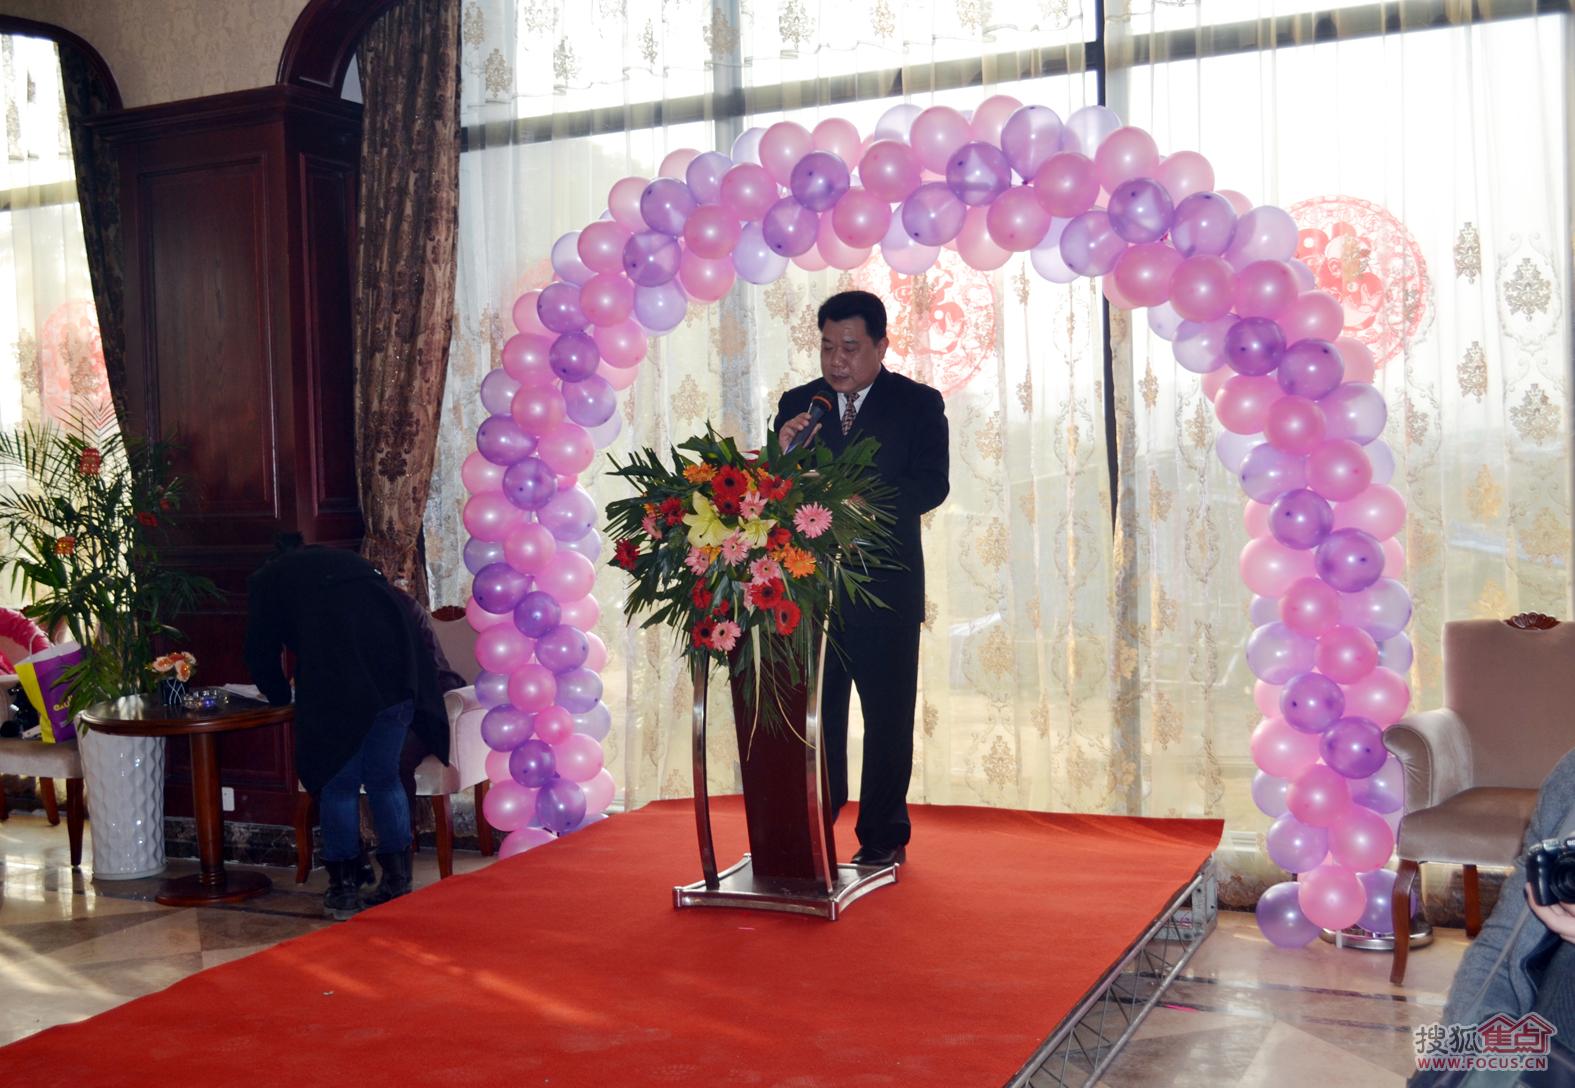 天嘉·盛客汇唯美启幕 新春钢琴音乐节礼颂衡阳图片